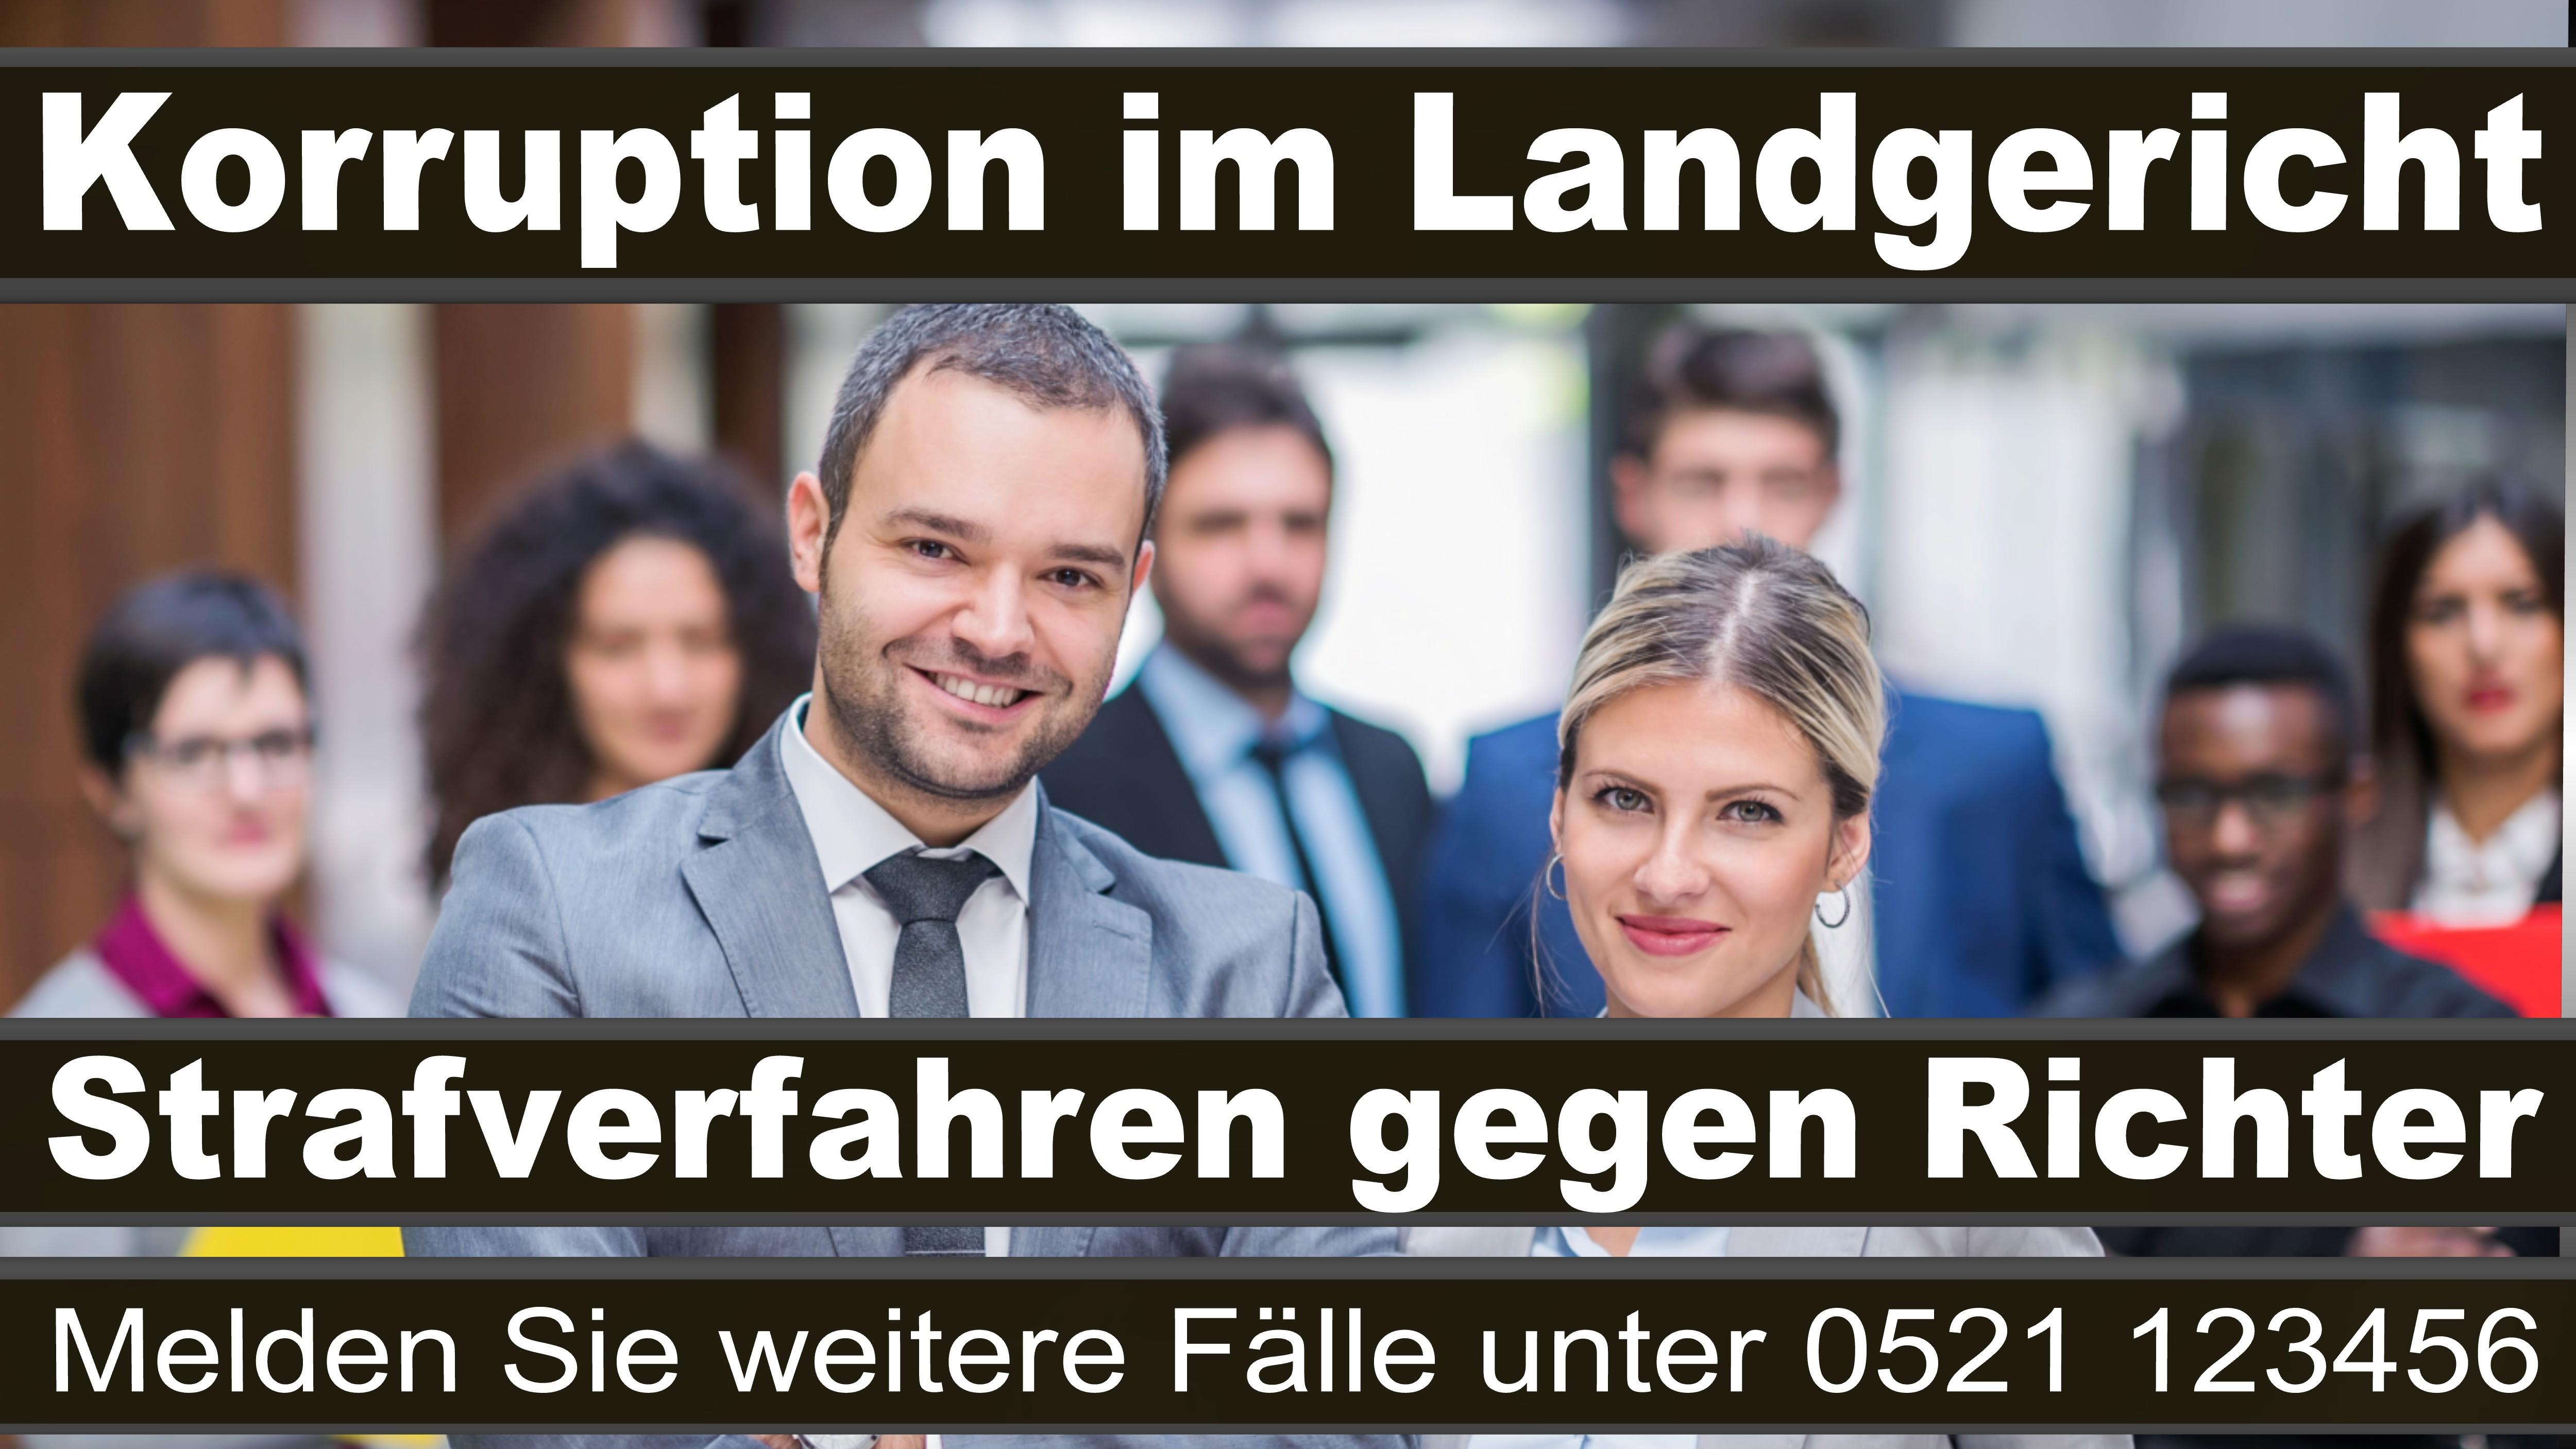 Generalstaatsanwaltschaft Frankfurt (Main)